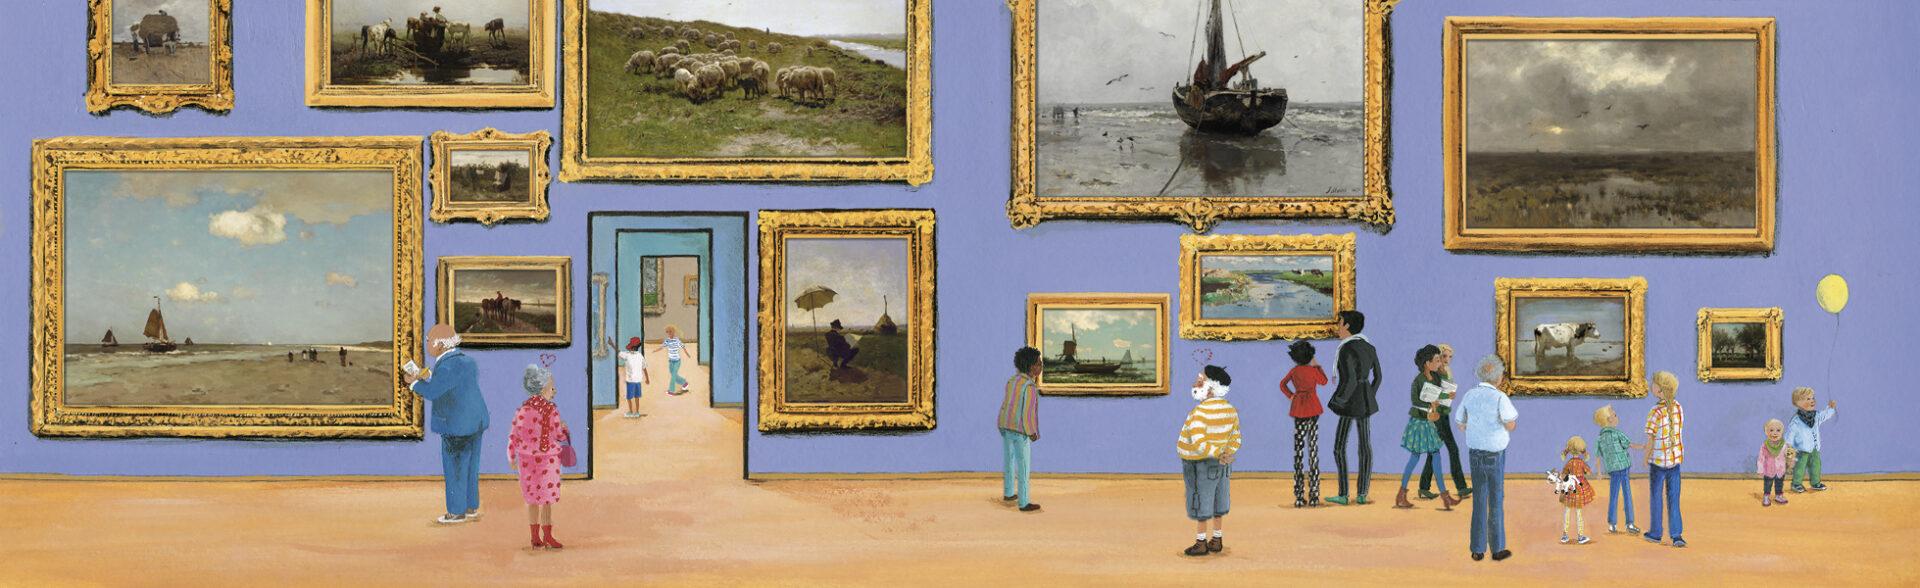 Holland op z'n mooist - Charlotte Dematons - Kunstprentenboeken